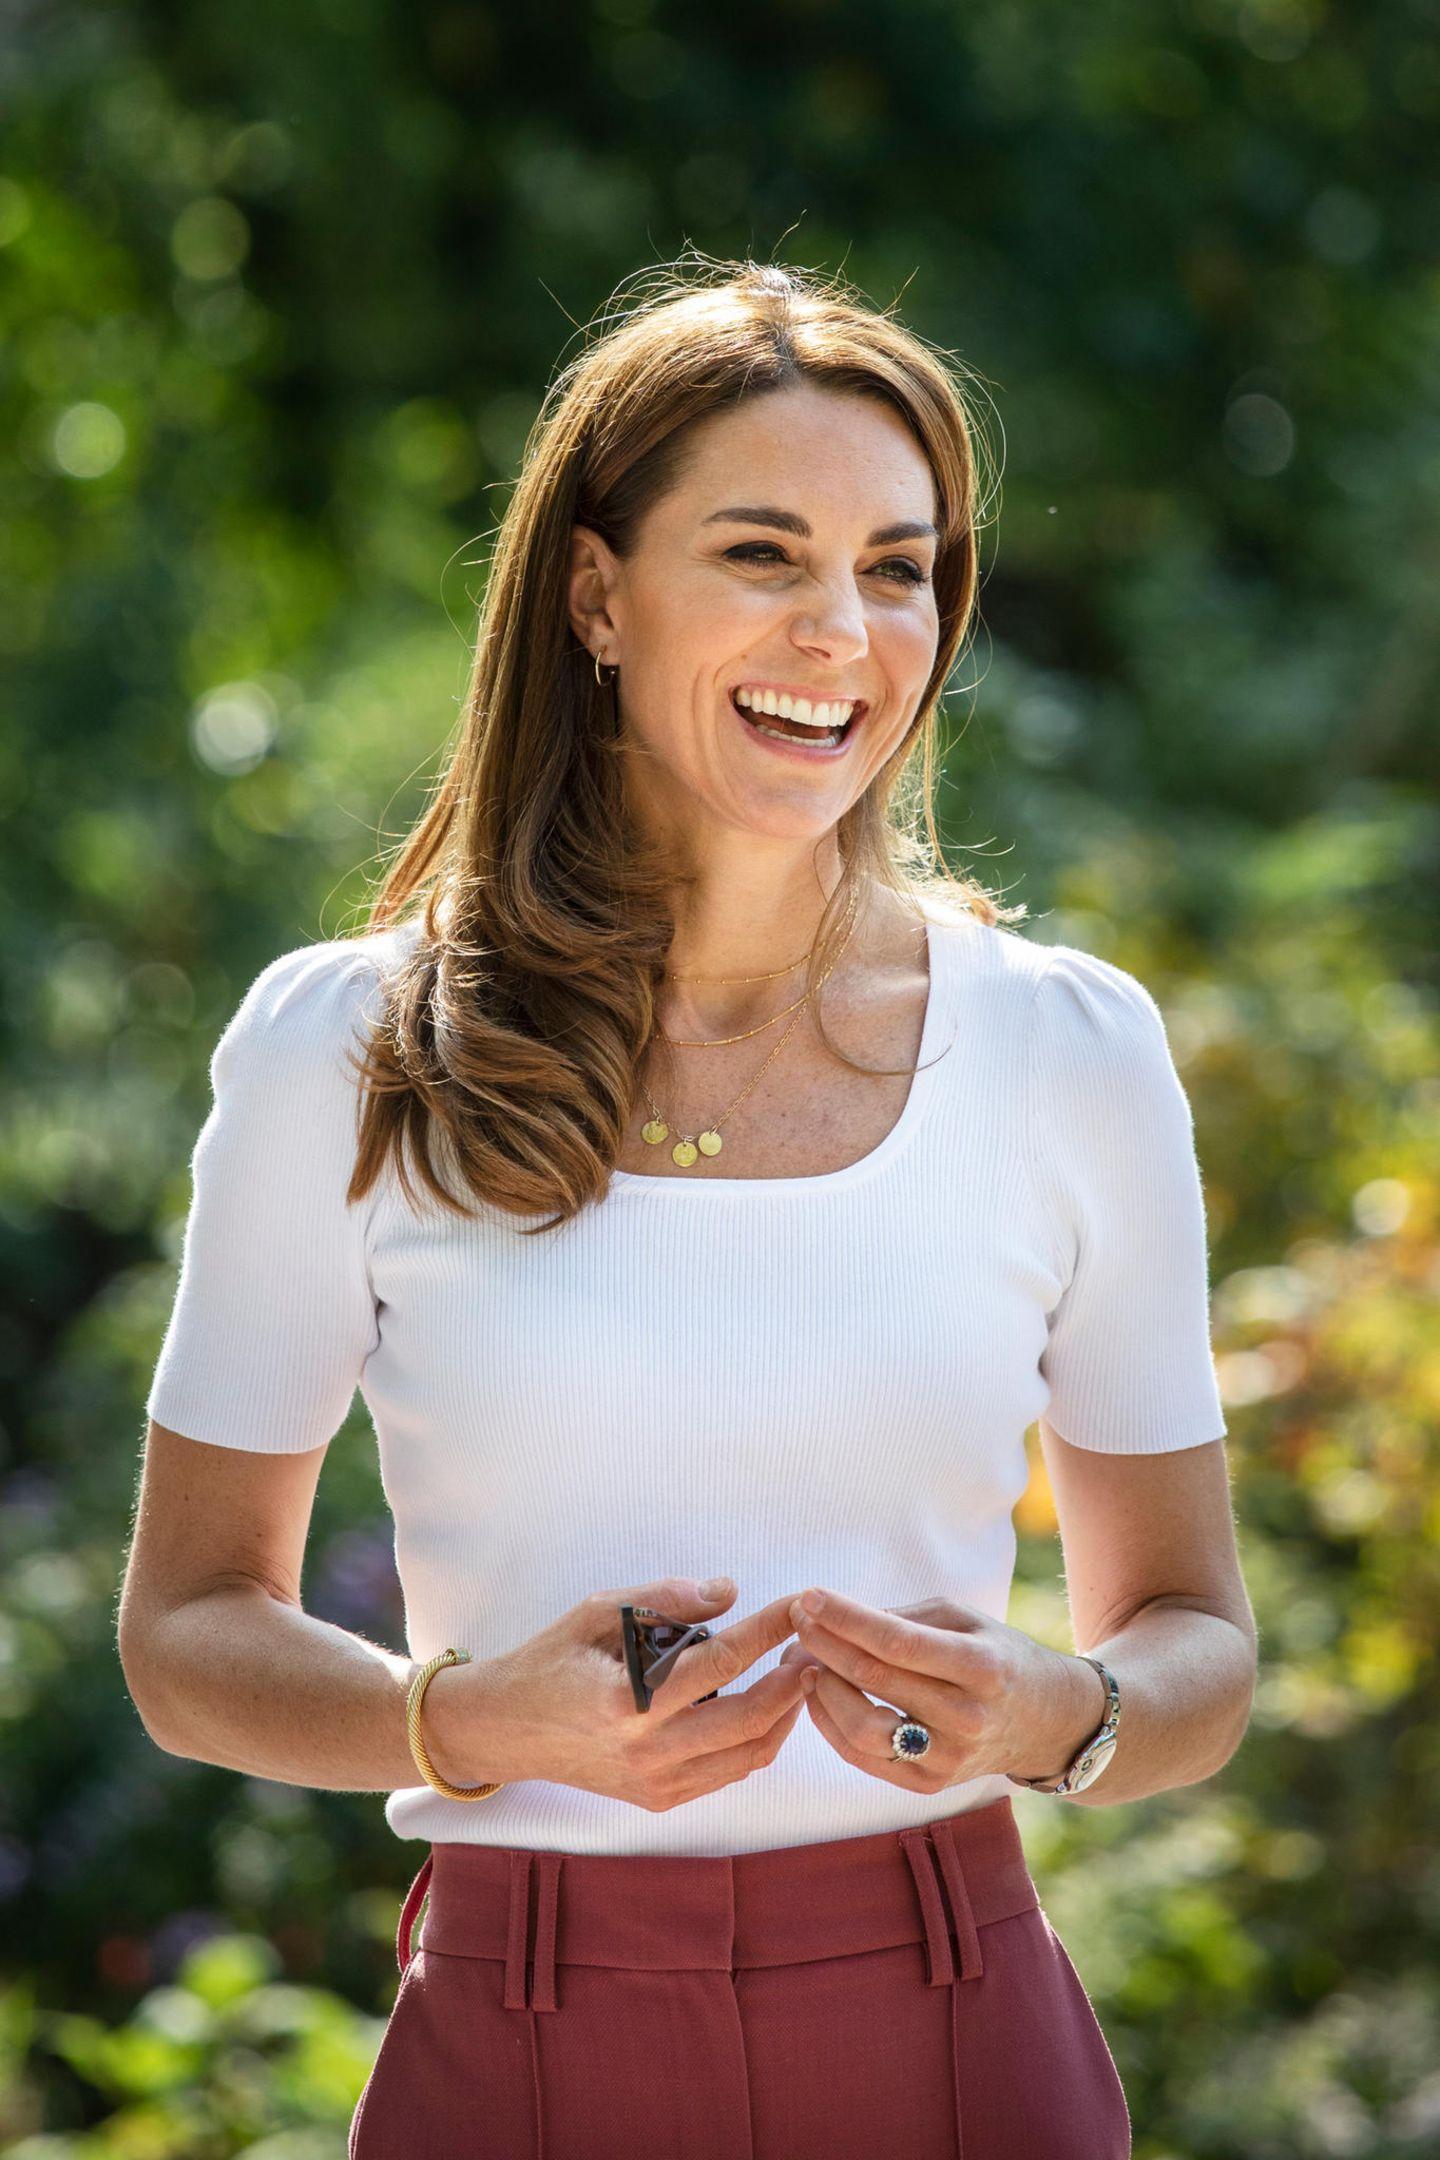 Mit ihrem strahlenden Lächeln macht sie den von der Coronapandemie gebeutelten Familien Mut. Und auch sie hat ihre Familie irgendwie bei sich: Im Ausschnitt ihres schlichten T-Shirts baumelt eine goldene Kette mitdrei Anhängern für Prinz George, Prinzessin Charlotte und Prinz Louis.